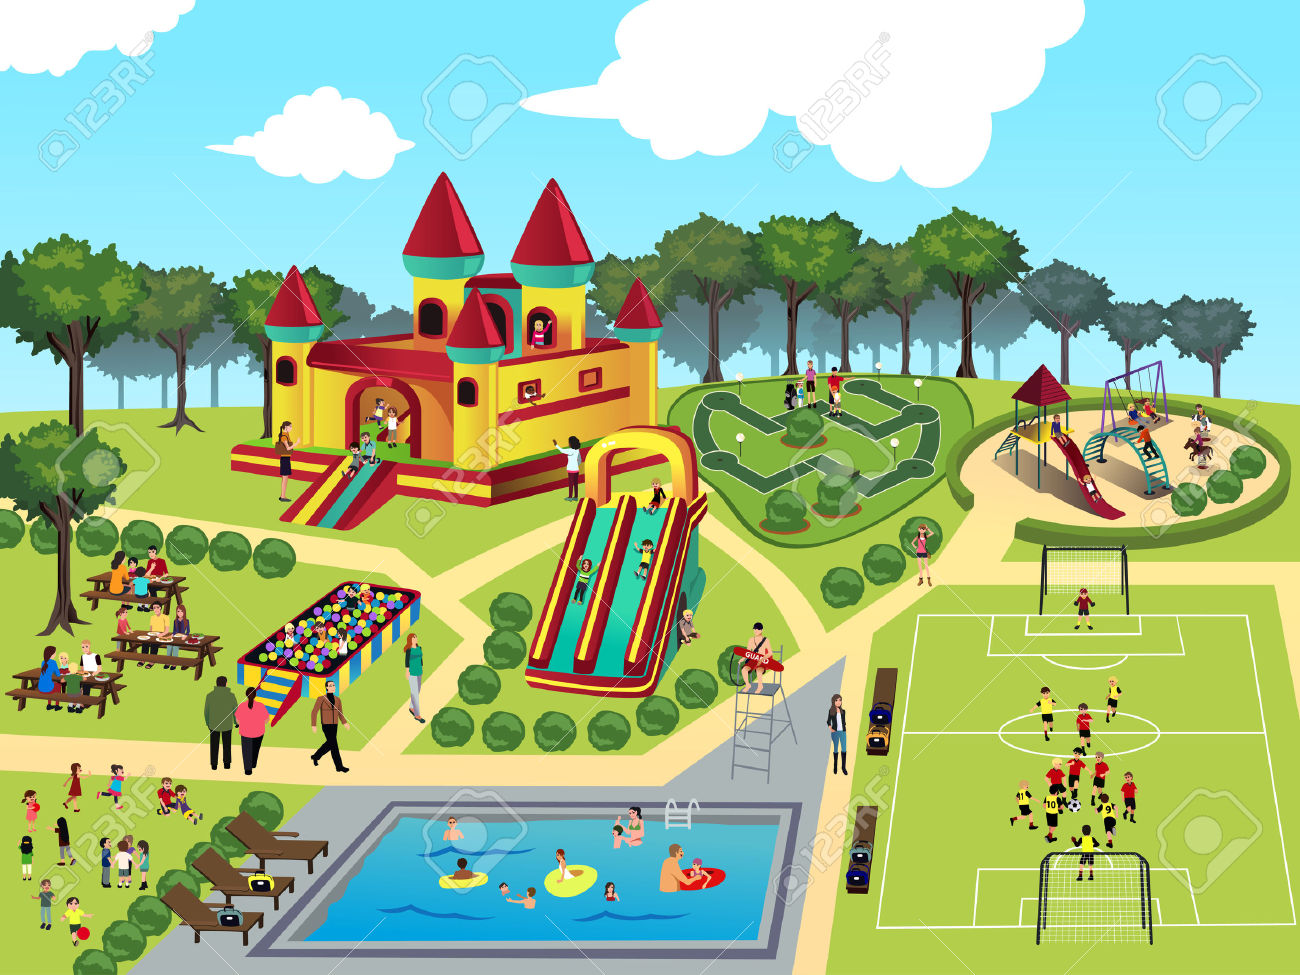 Park Clipart & Park Clip Art Images.